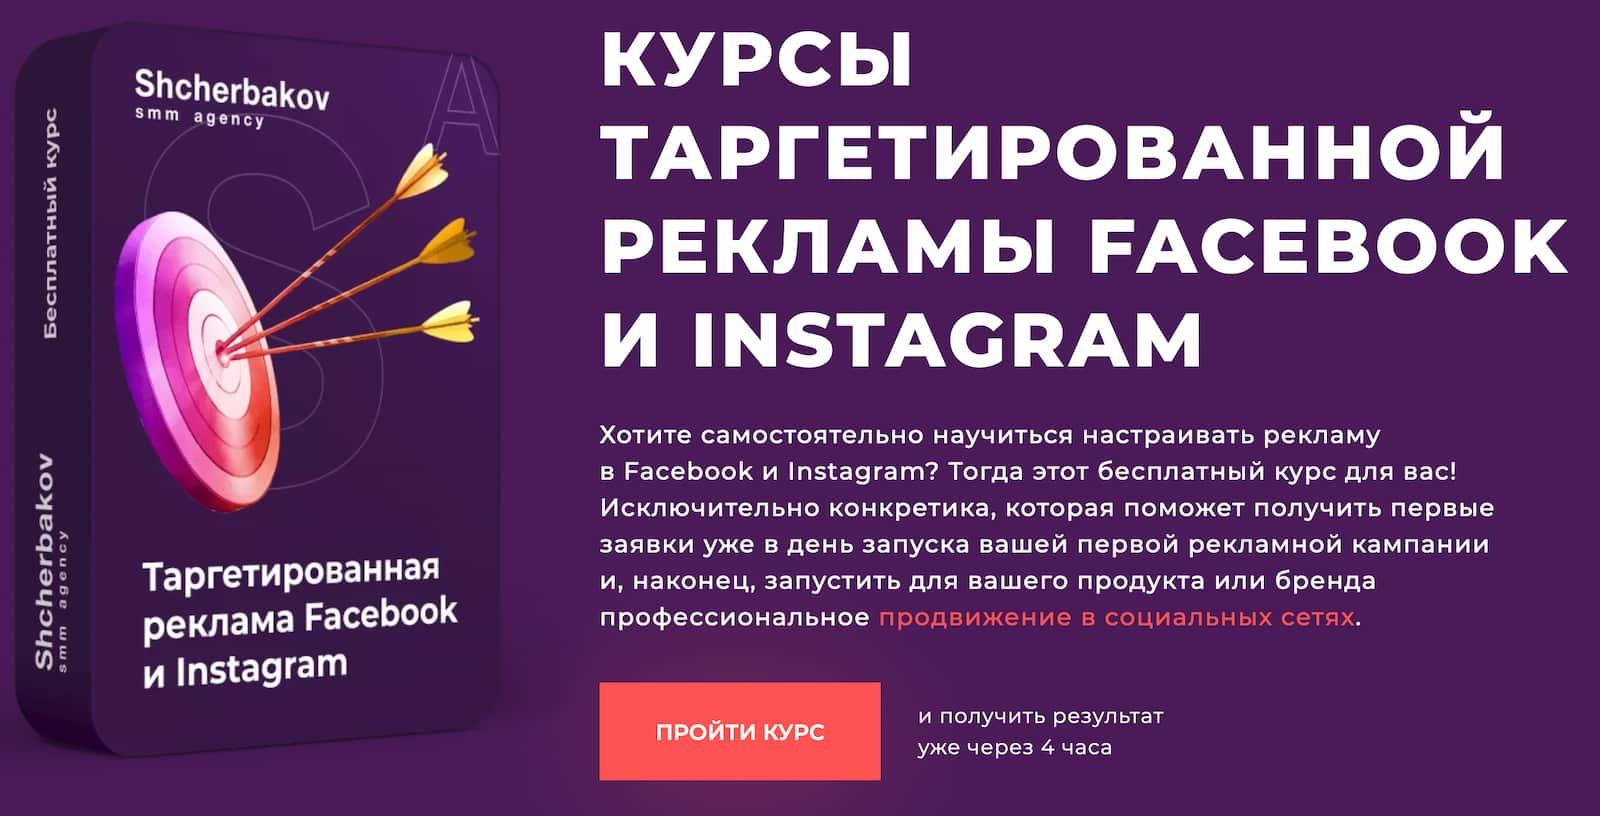 Записаться на курс «Курсы таргетированной рекламы facebook и instagram» от shcherbakovs